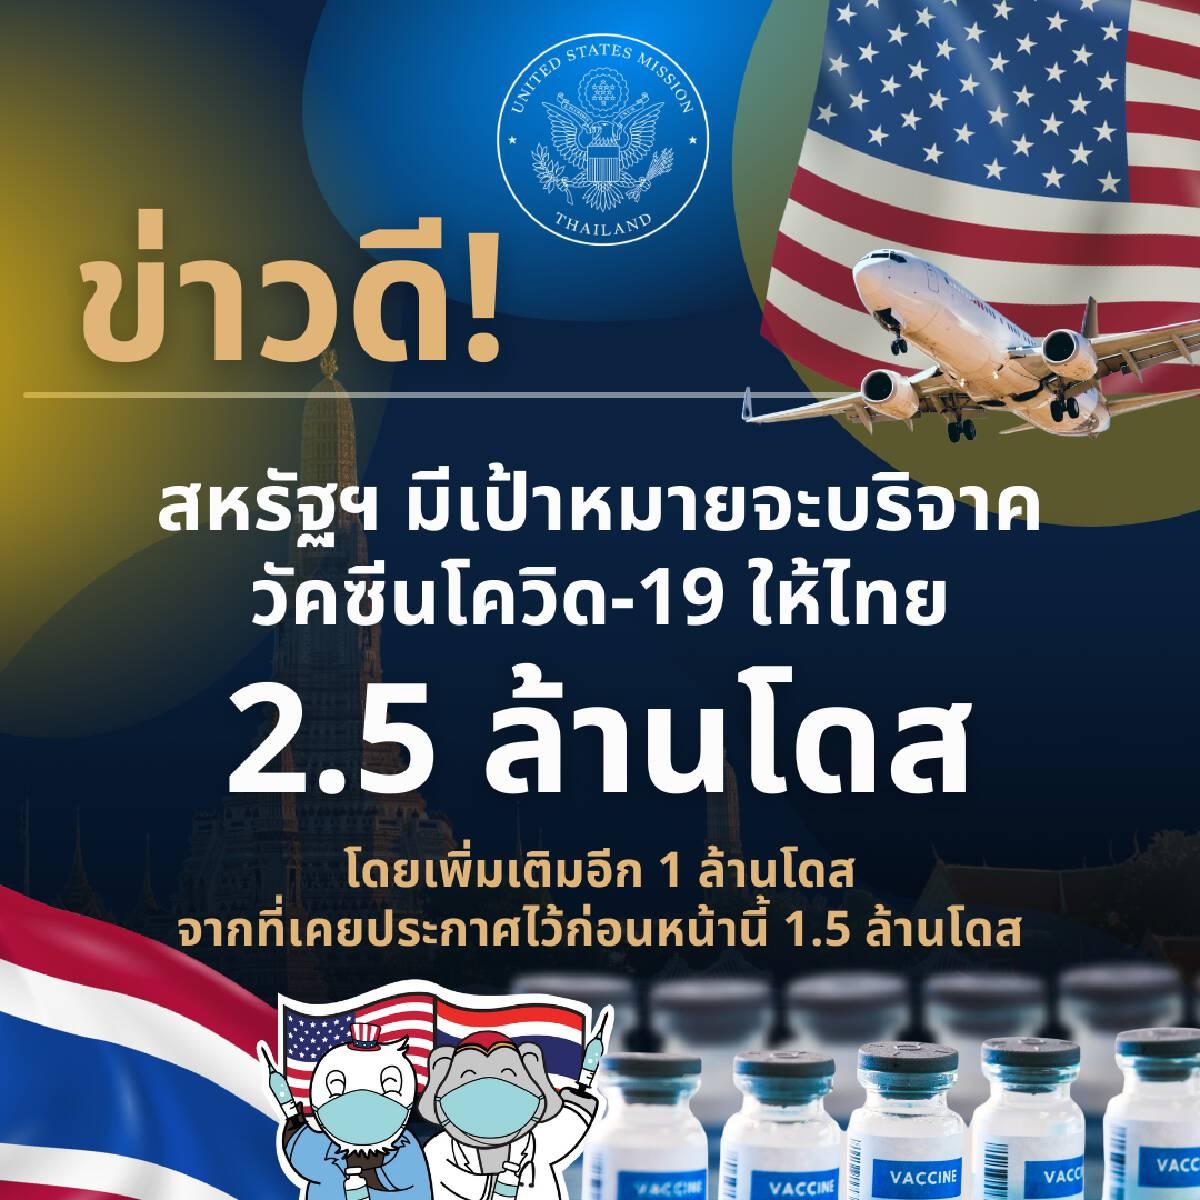 สหรัฐฯ เตรียมบริจาควัคซีนเพิ่มให้ไทยอีก 1 ล้านโดส